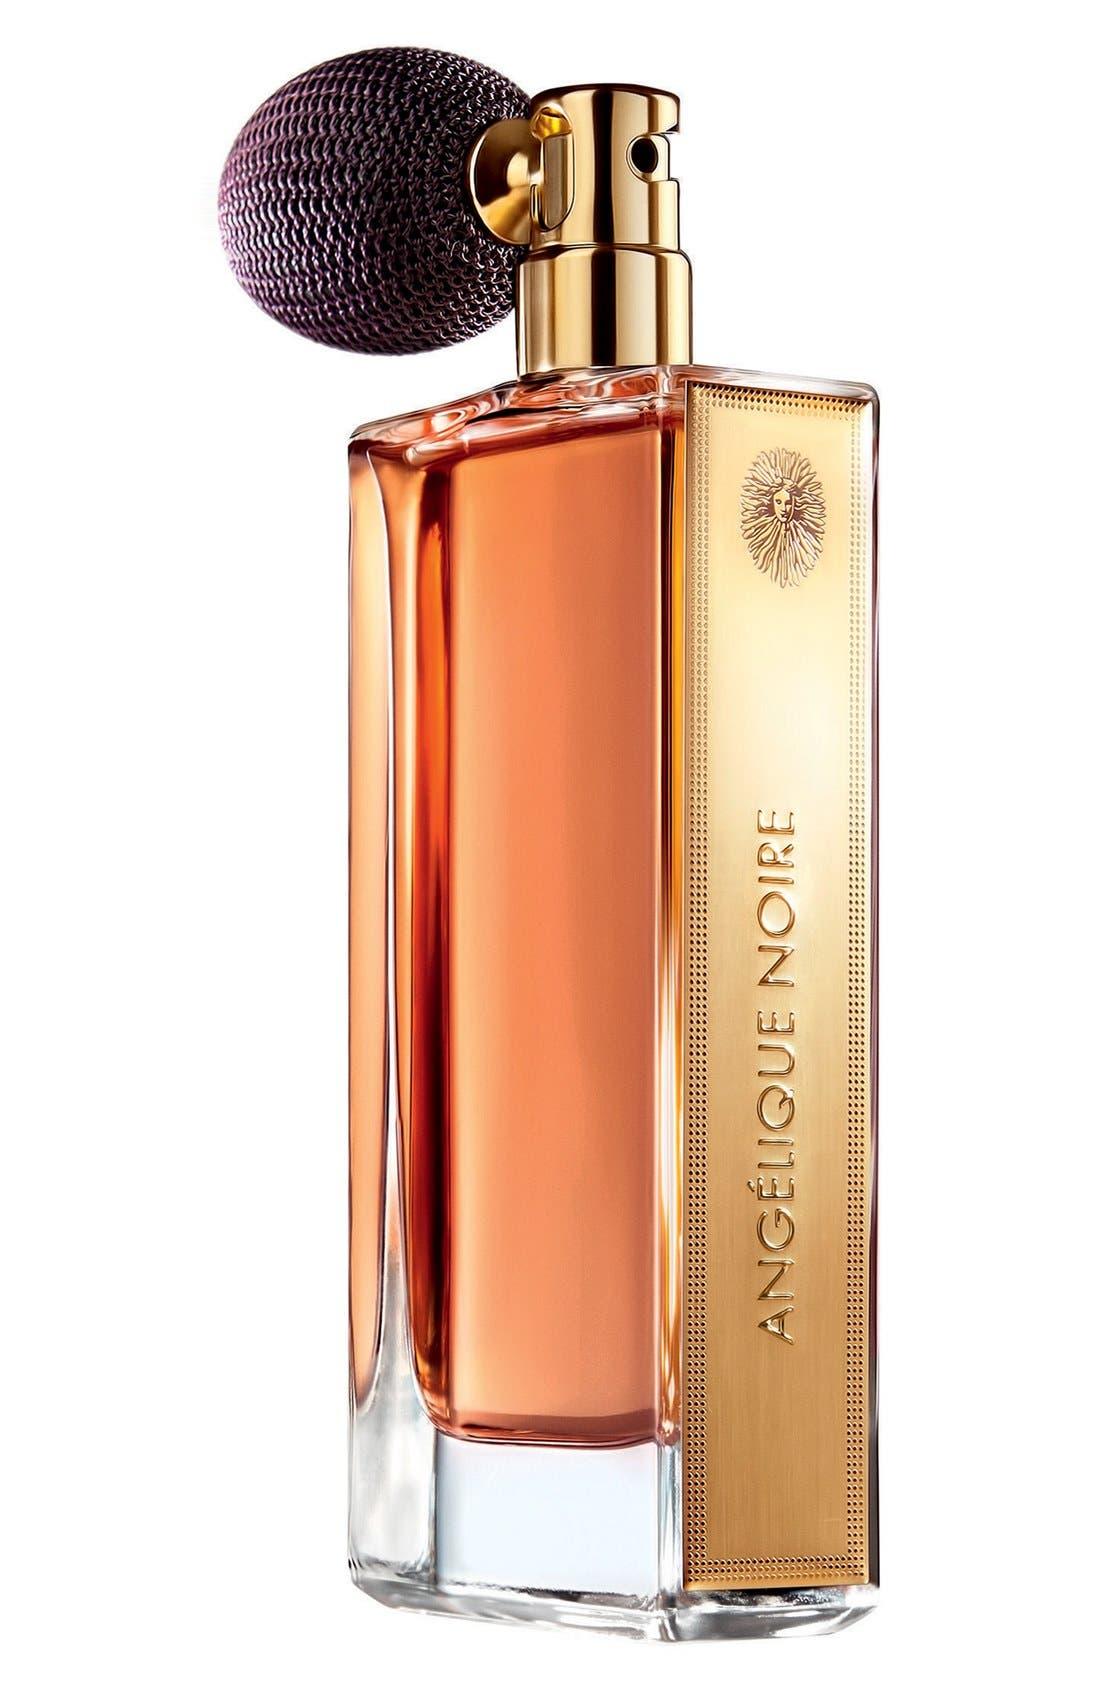 Guerlain L'Art et la Matiere Angelique Noire Eau de Parfum